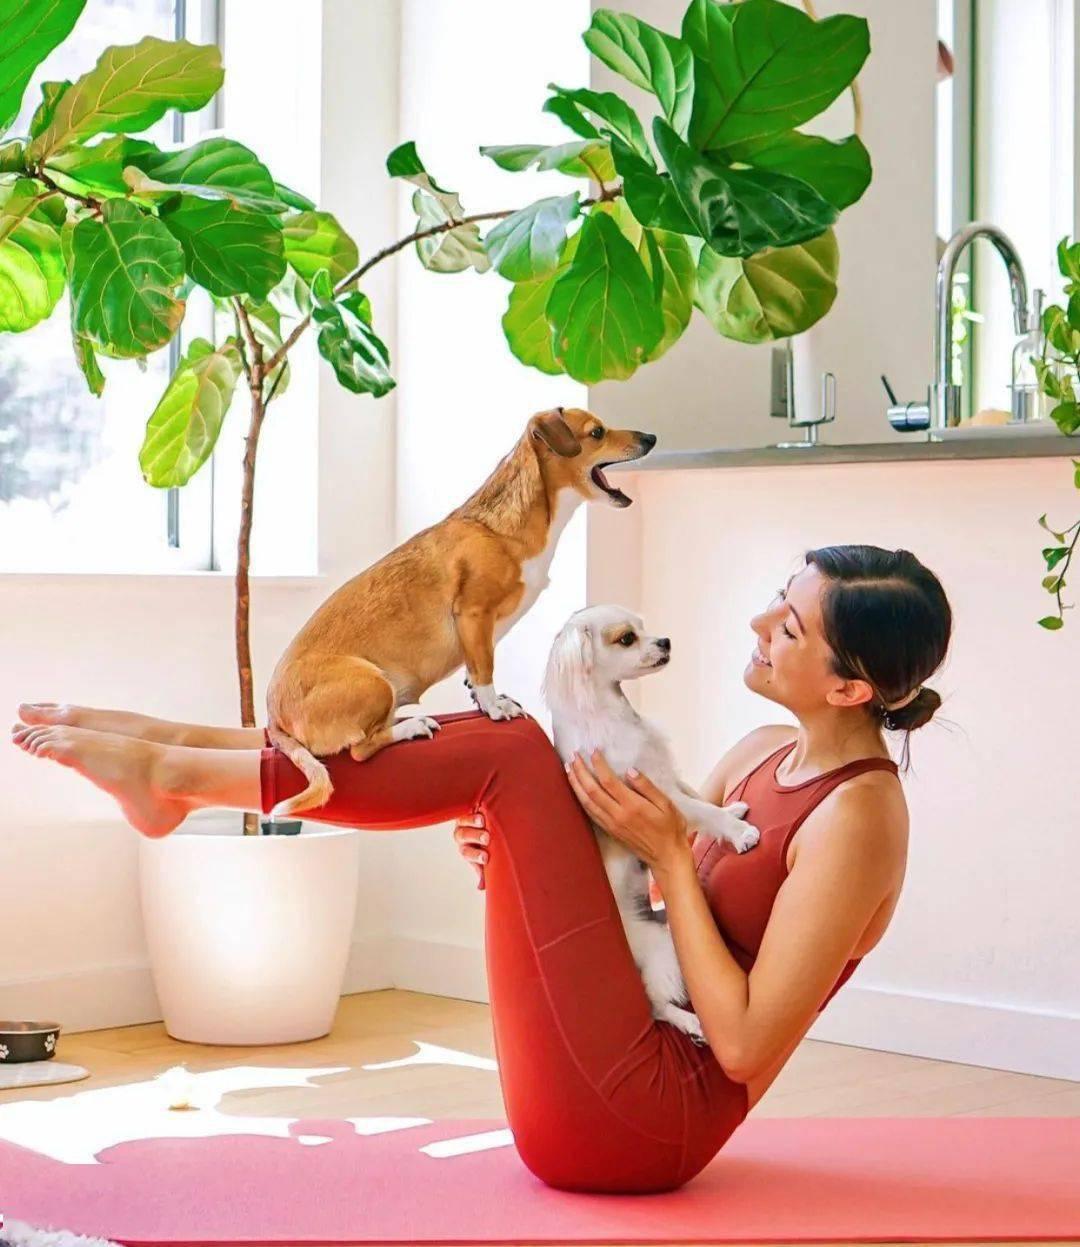 10个瑜伽体式,适合30岁以上女性,清除盆腔垃圾,暖宫养颜!